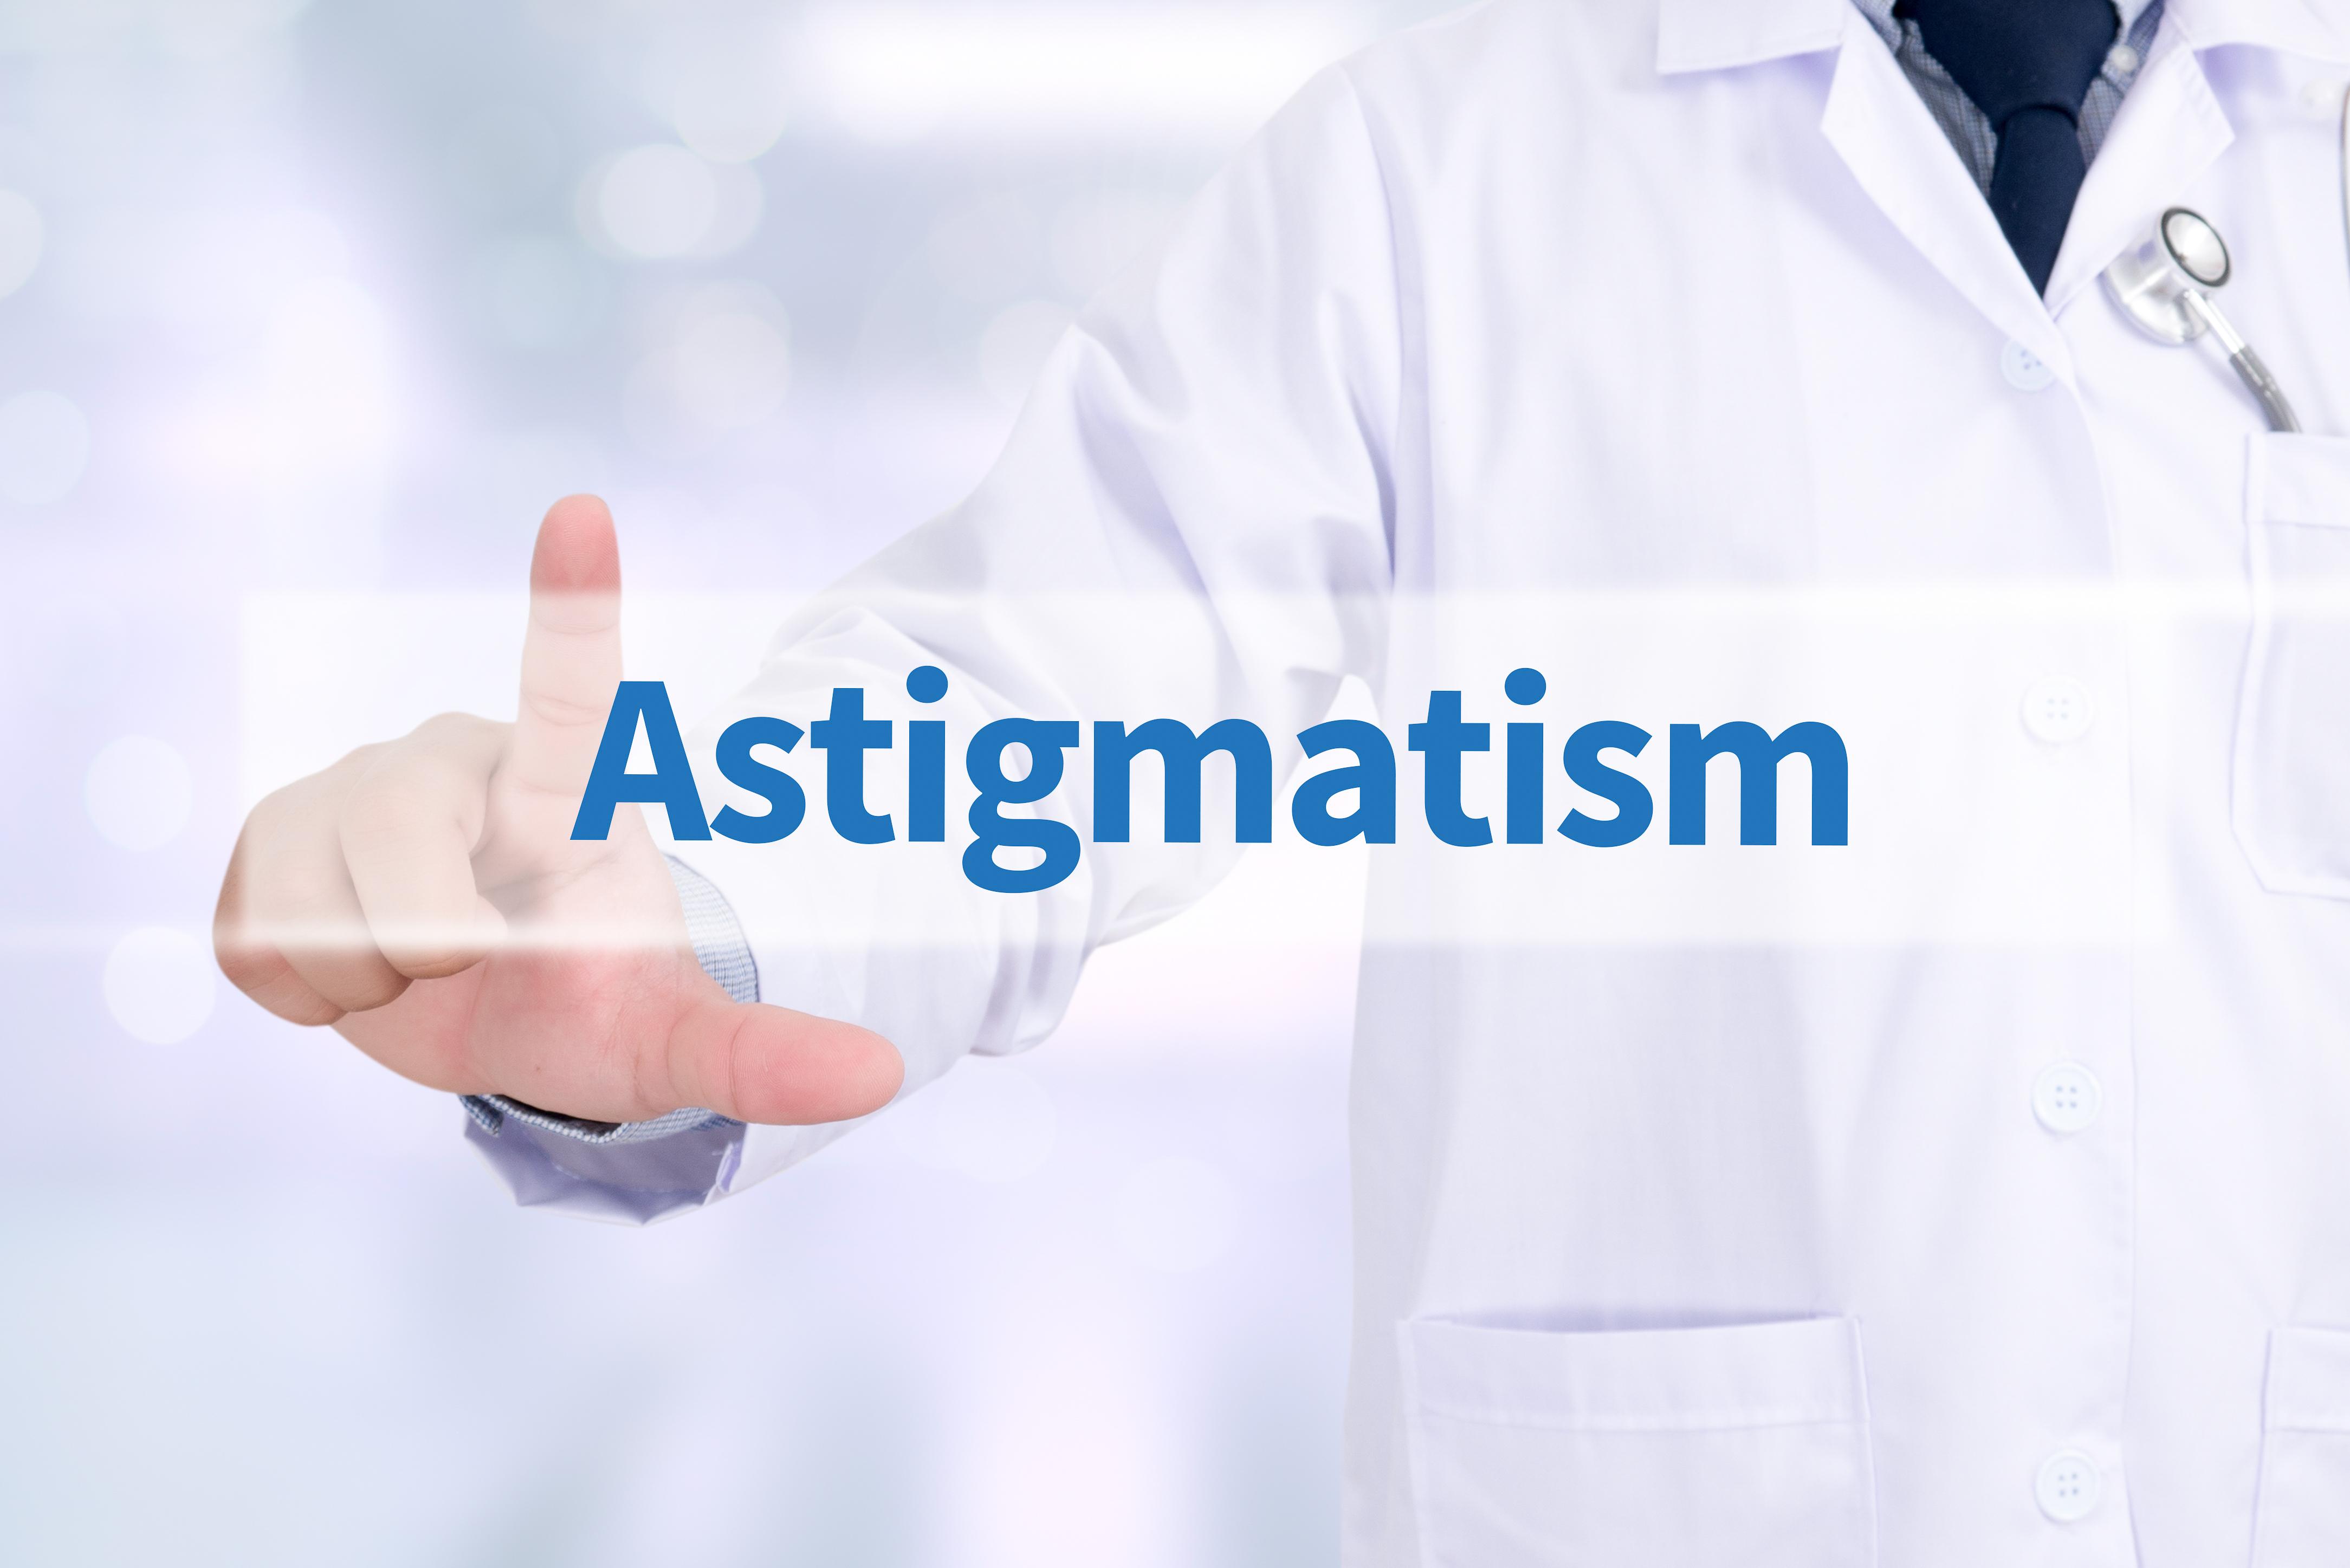 ce-este-astigmatismul_434500840-1